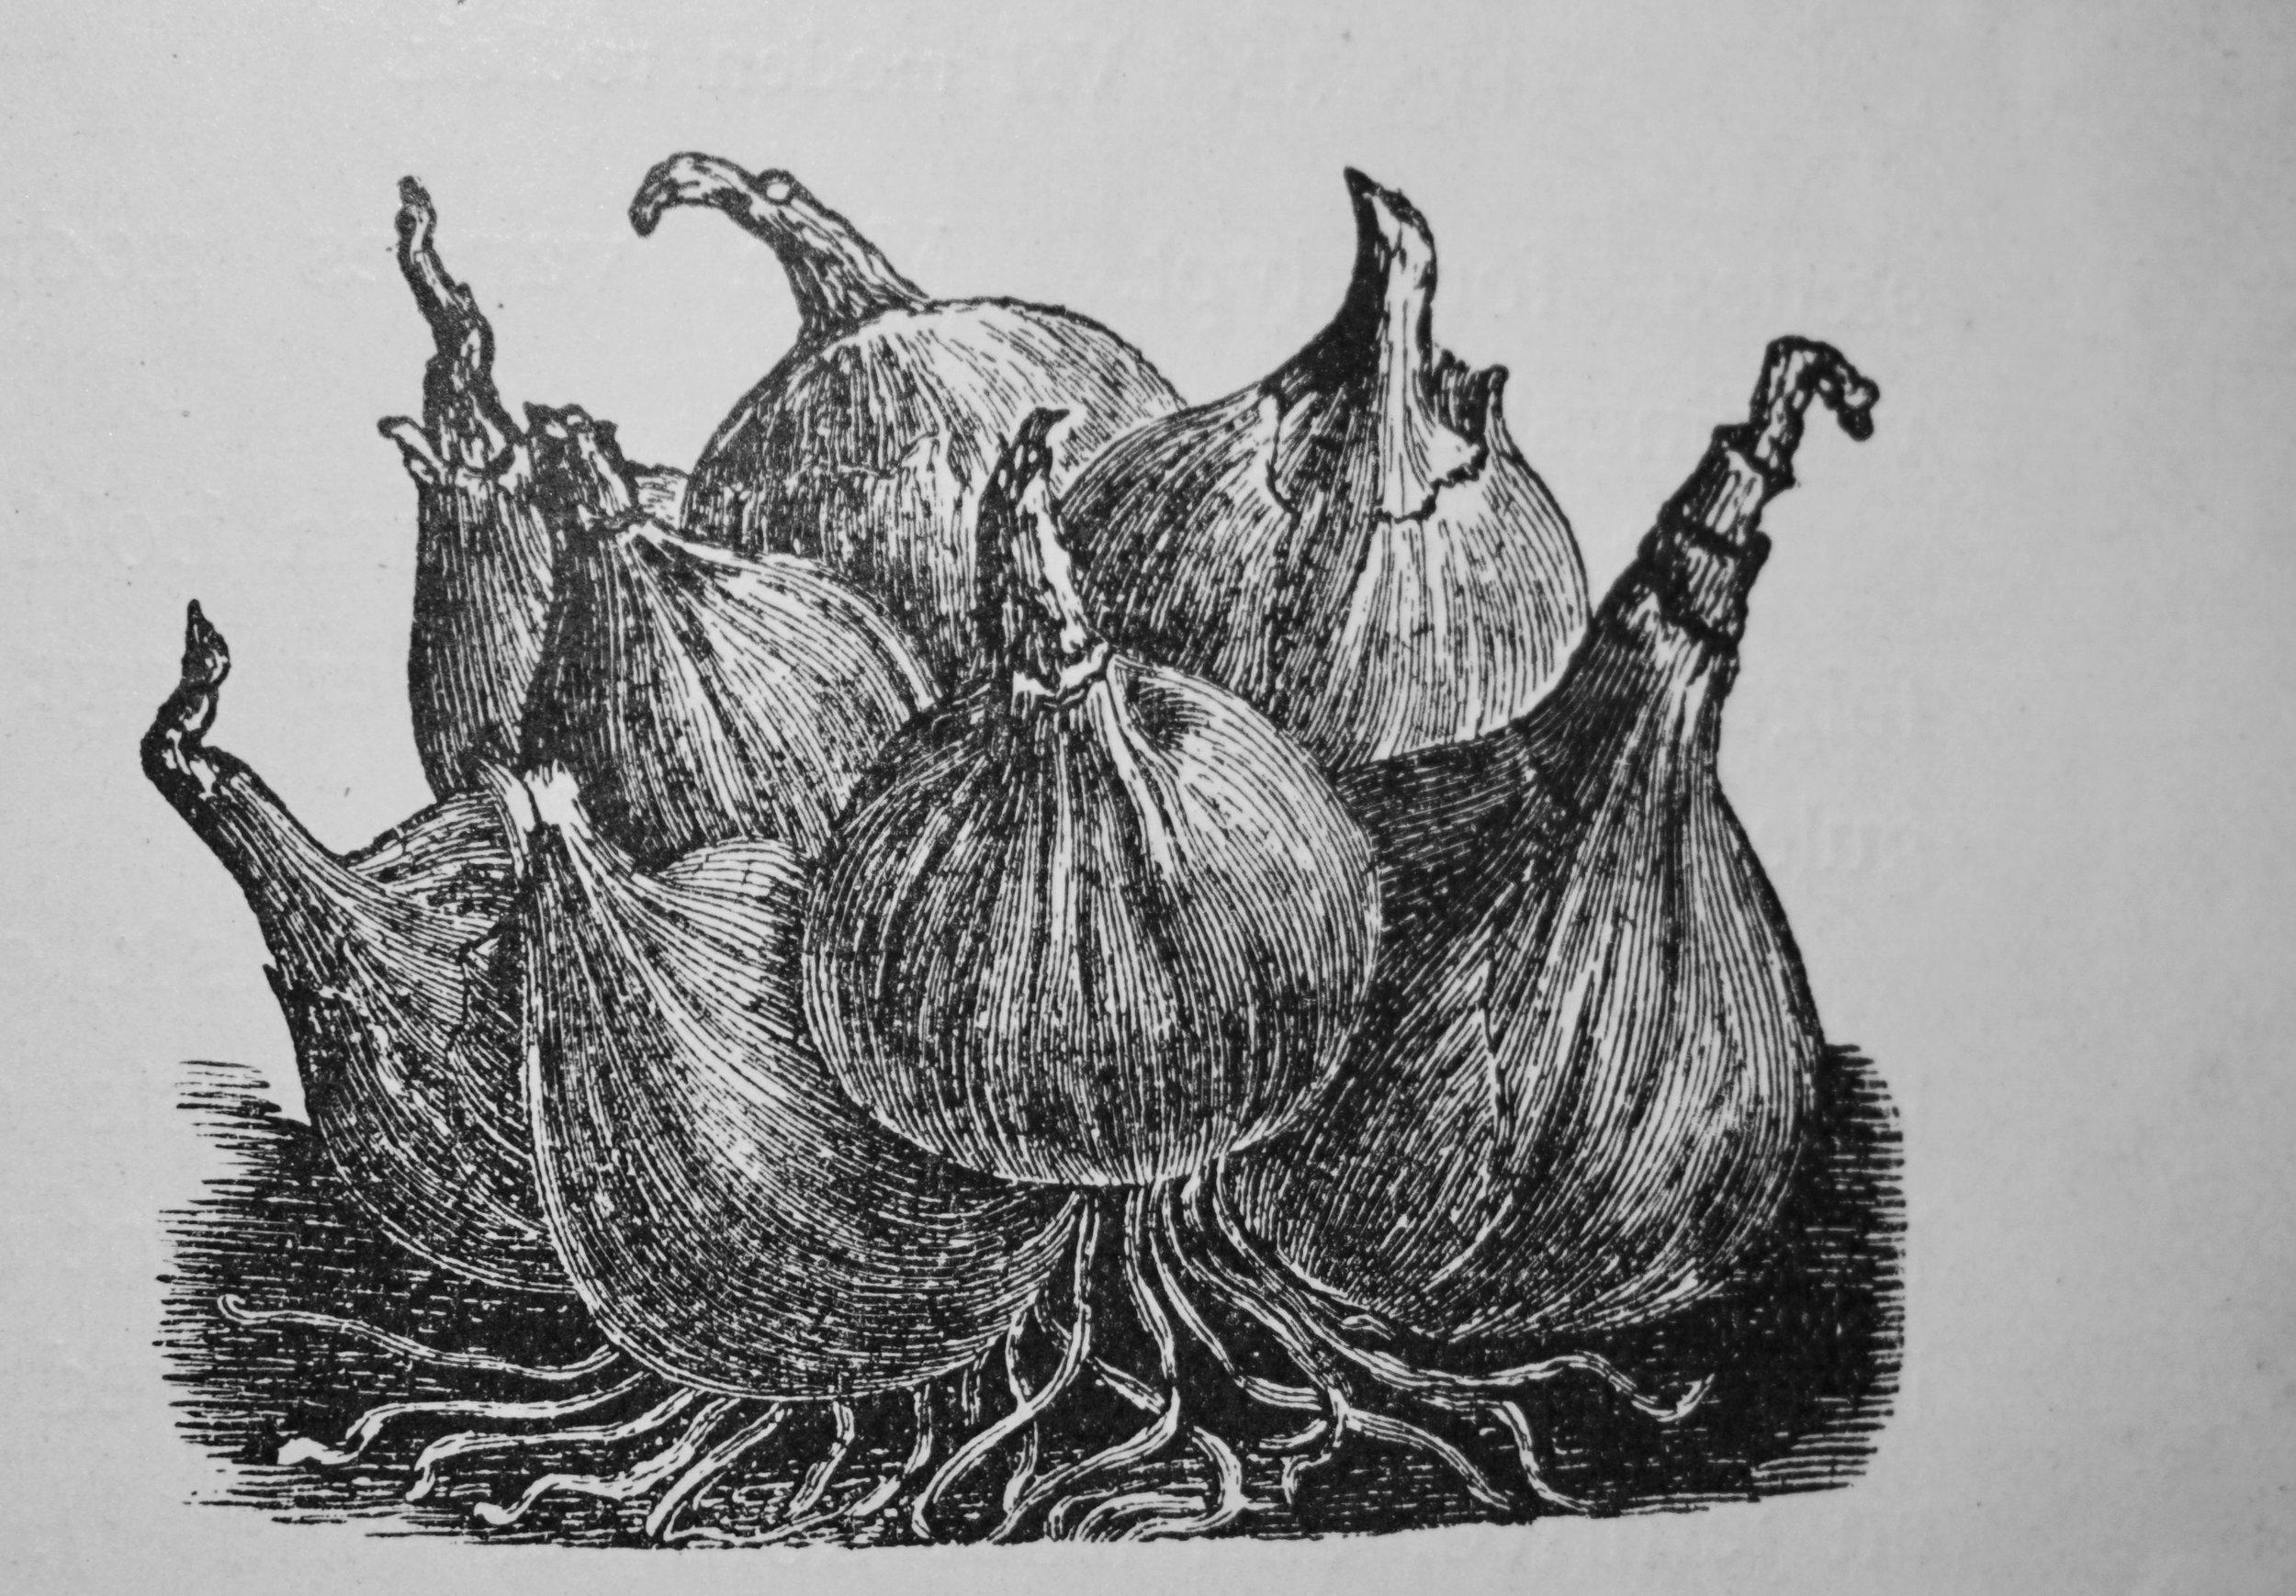 Sjalottløk tåler, i følge Sigurd Lysbakkens bok fra 1909, hard frost. Bilde fra boken.